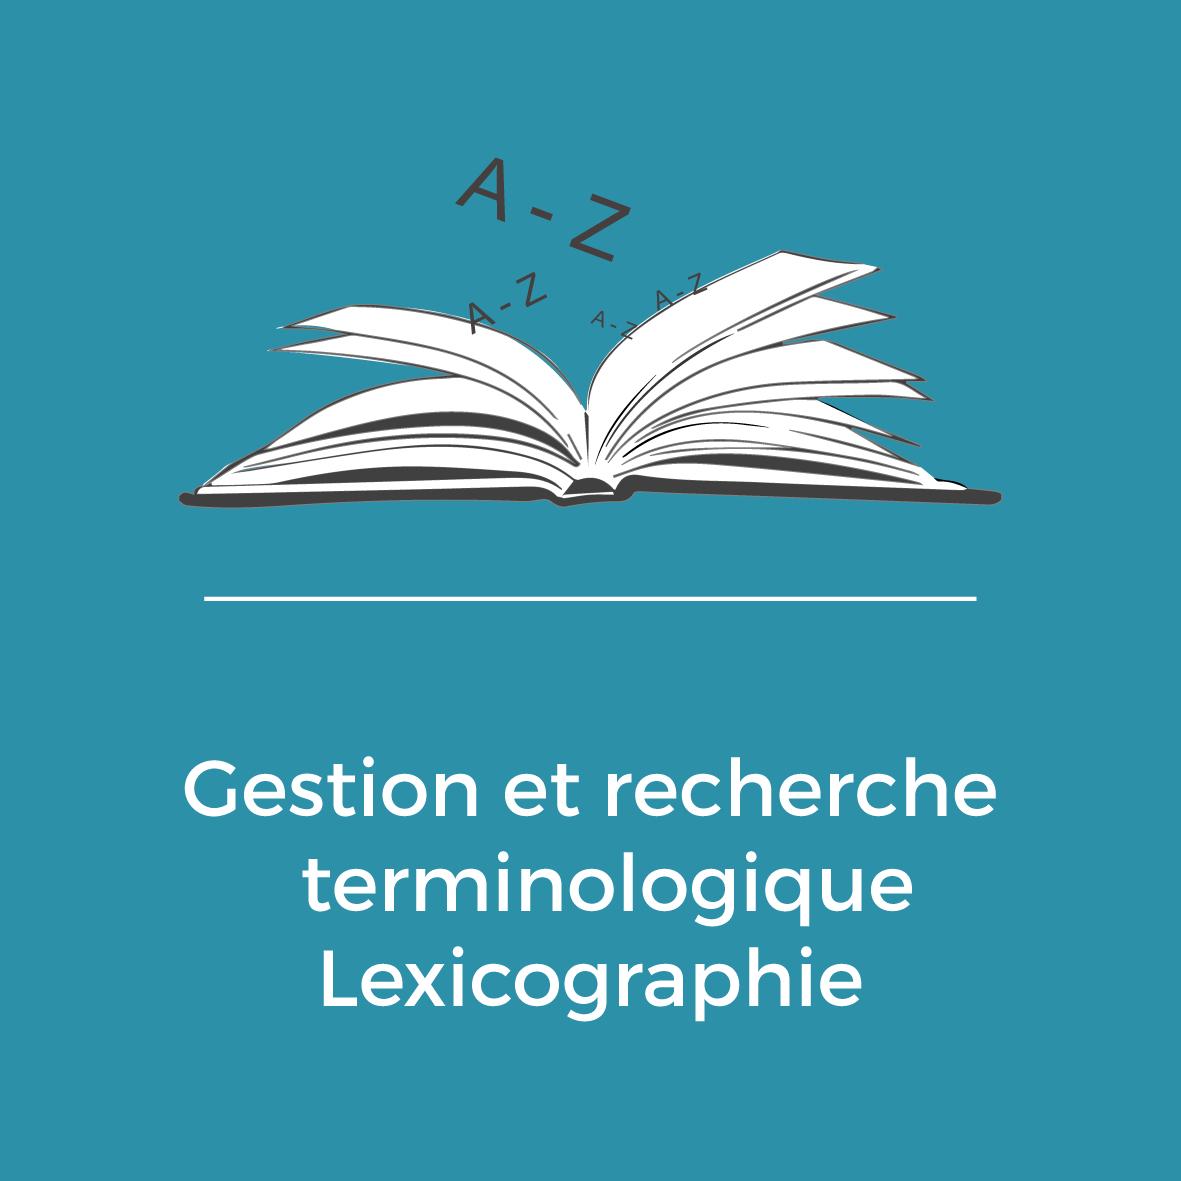 Services - Gestion et recherche terminologique - Lexicographie